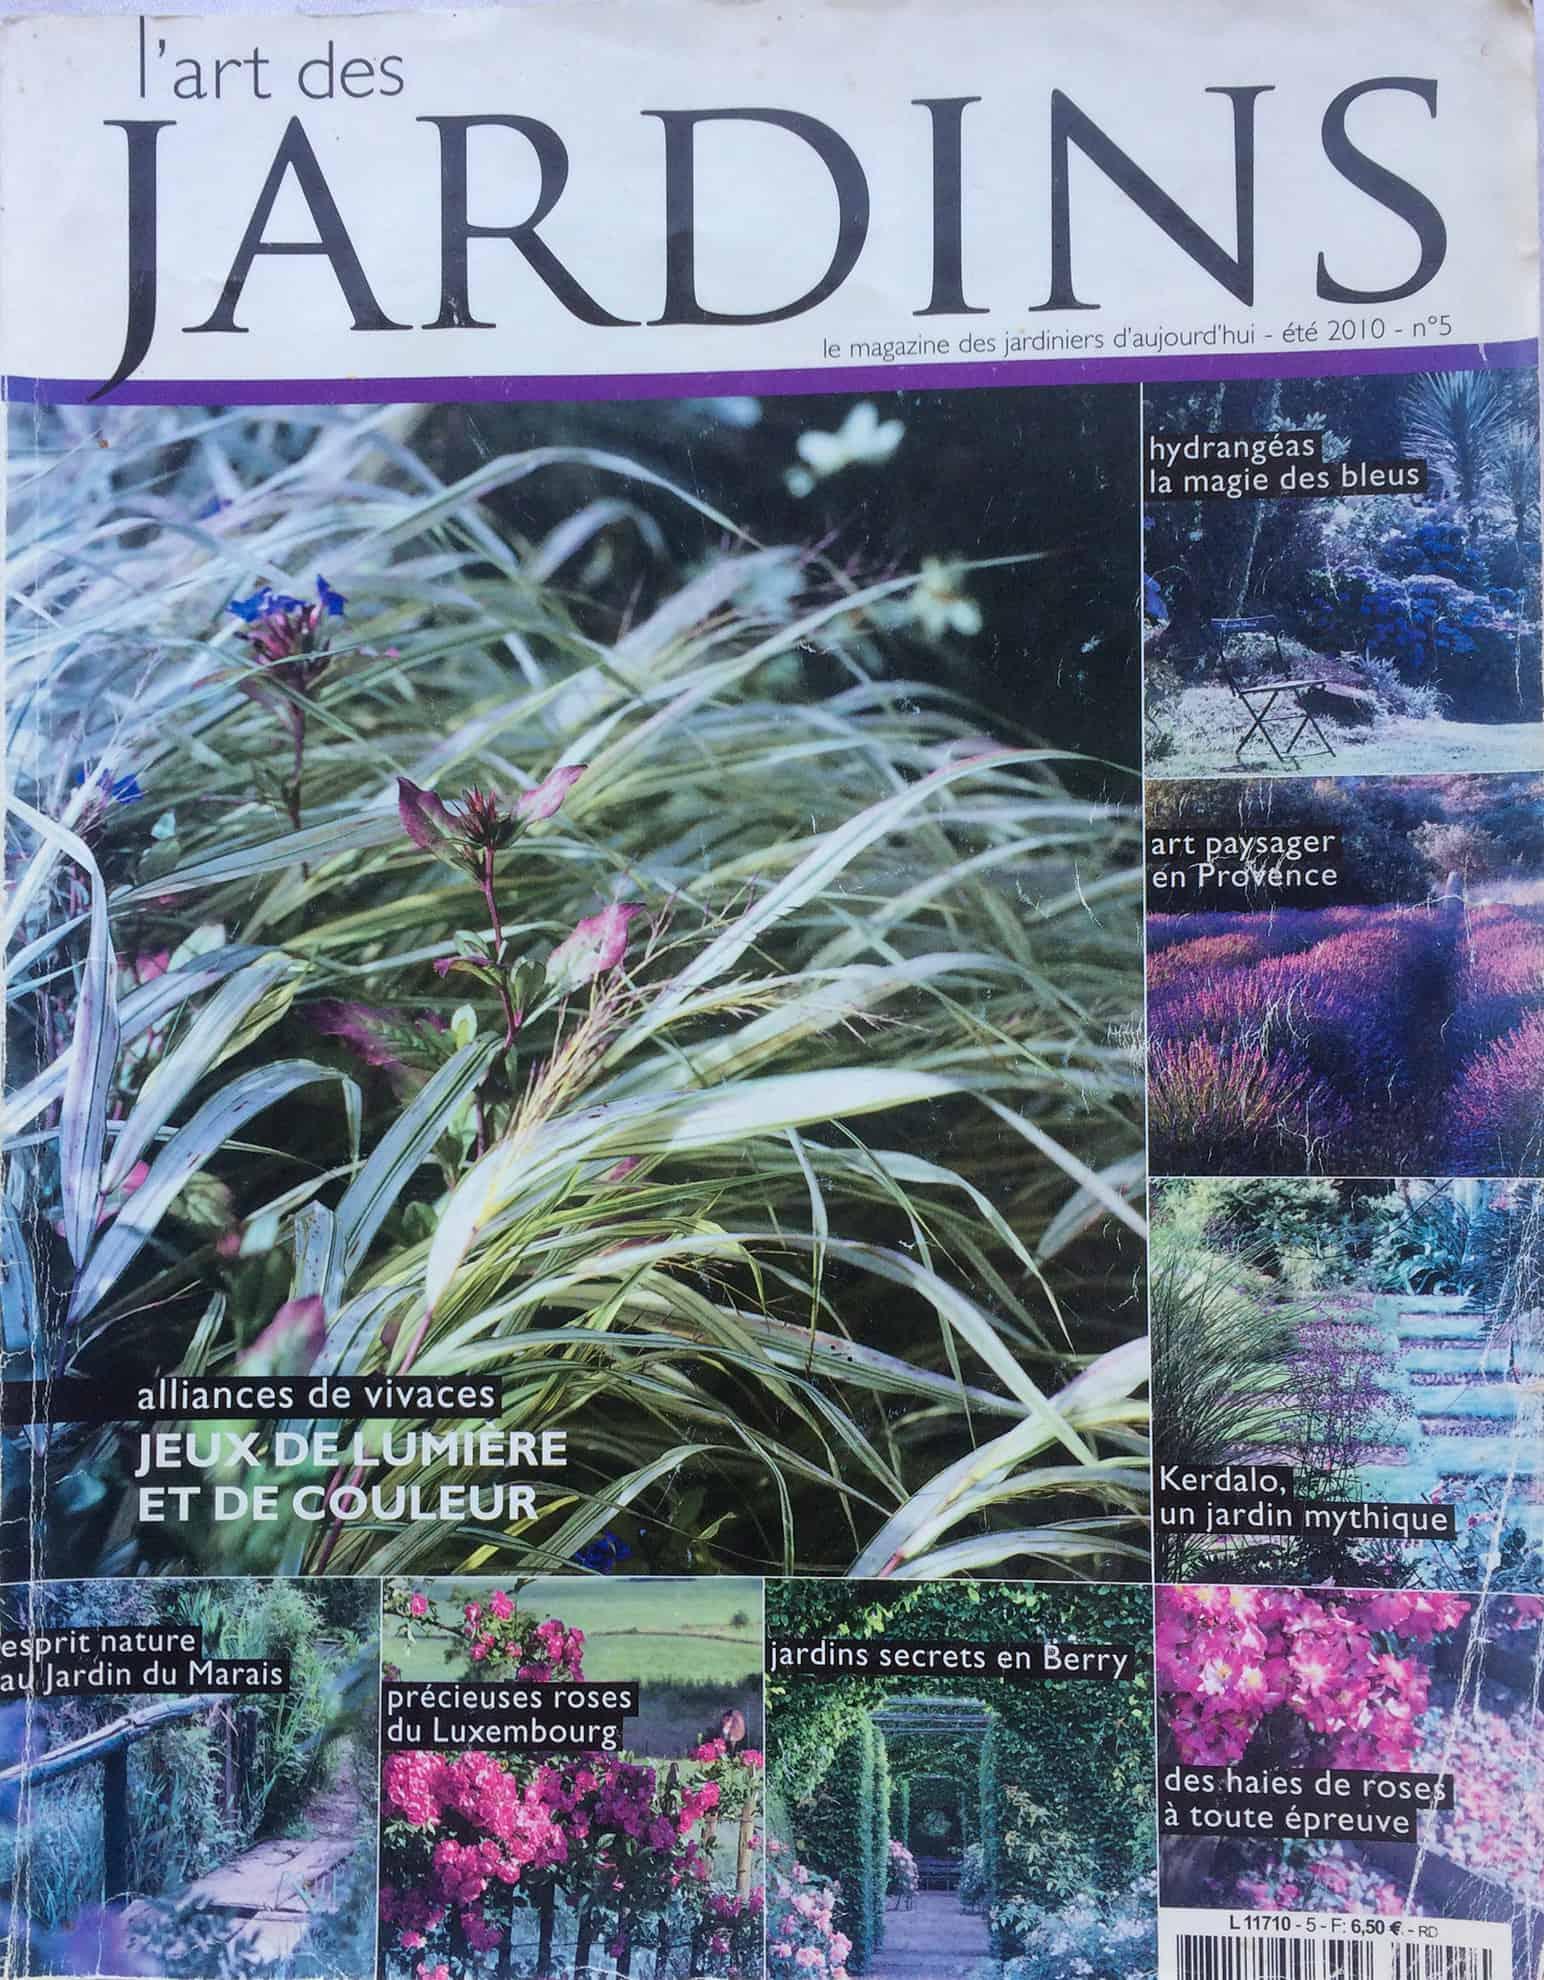 La Blanche Maison - Magazine - L'Art des jardins - No 5 - 2010